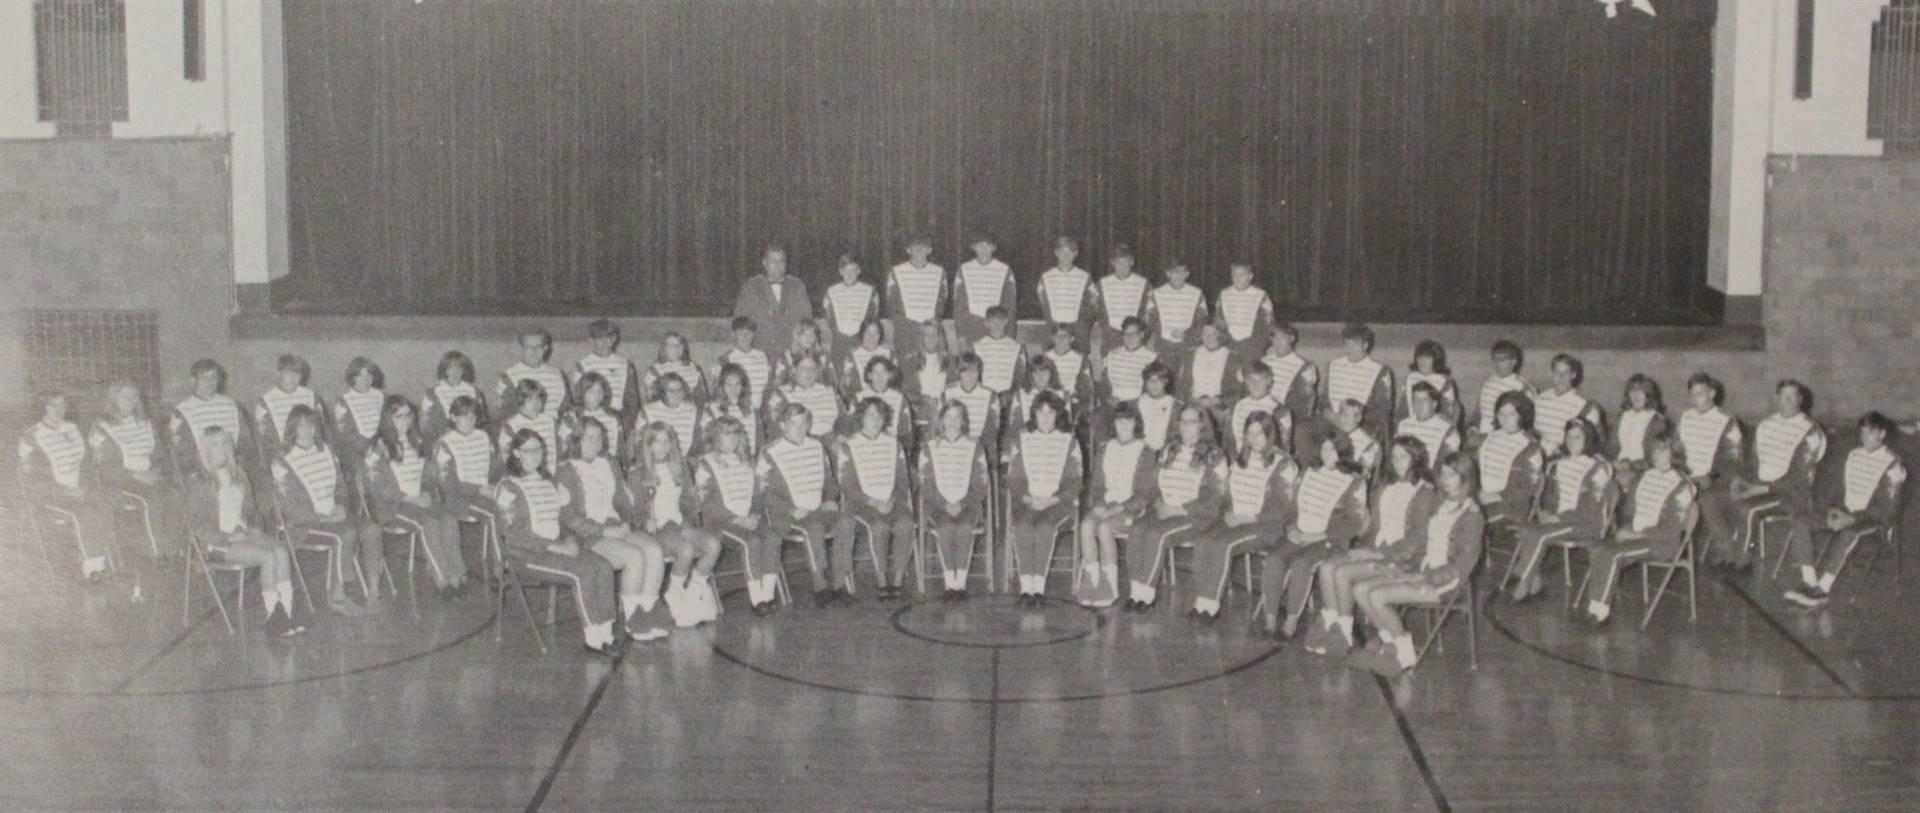 1971 Senior Band